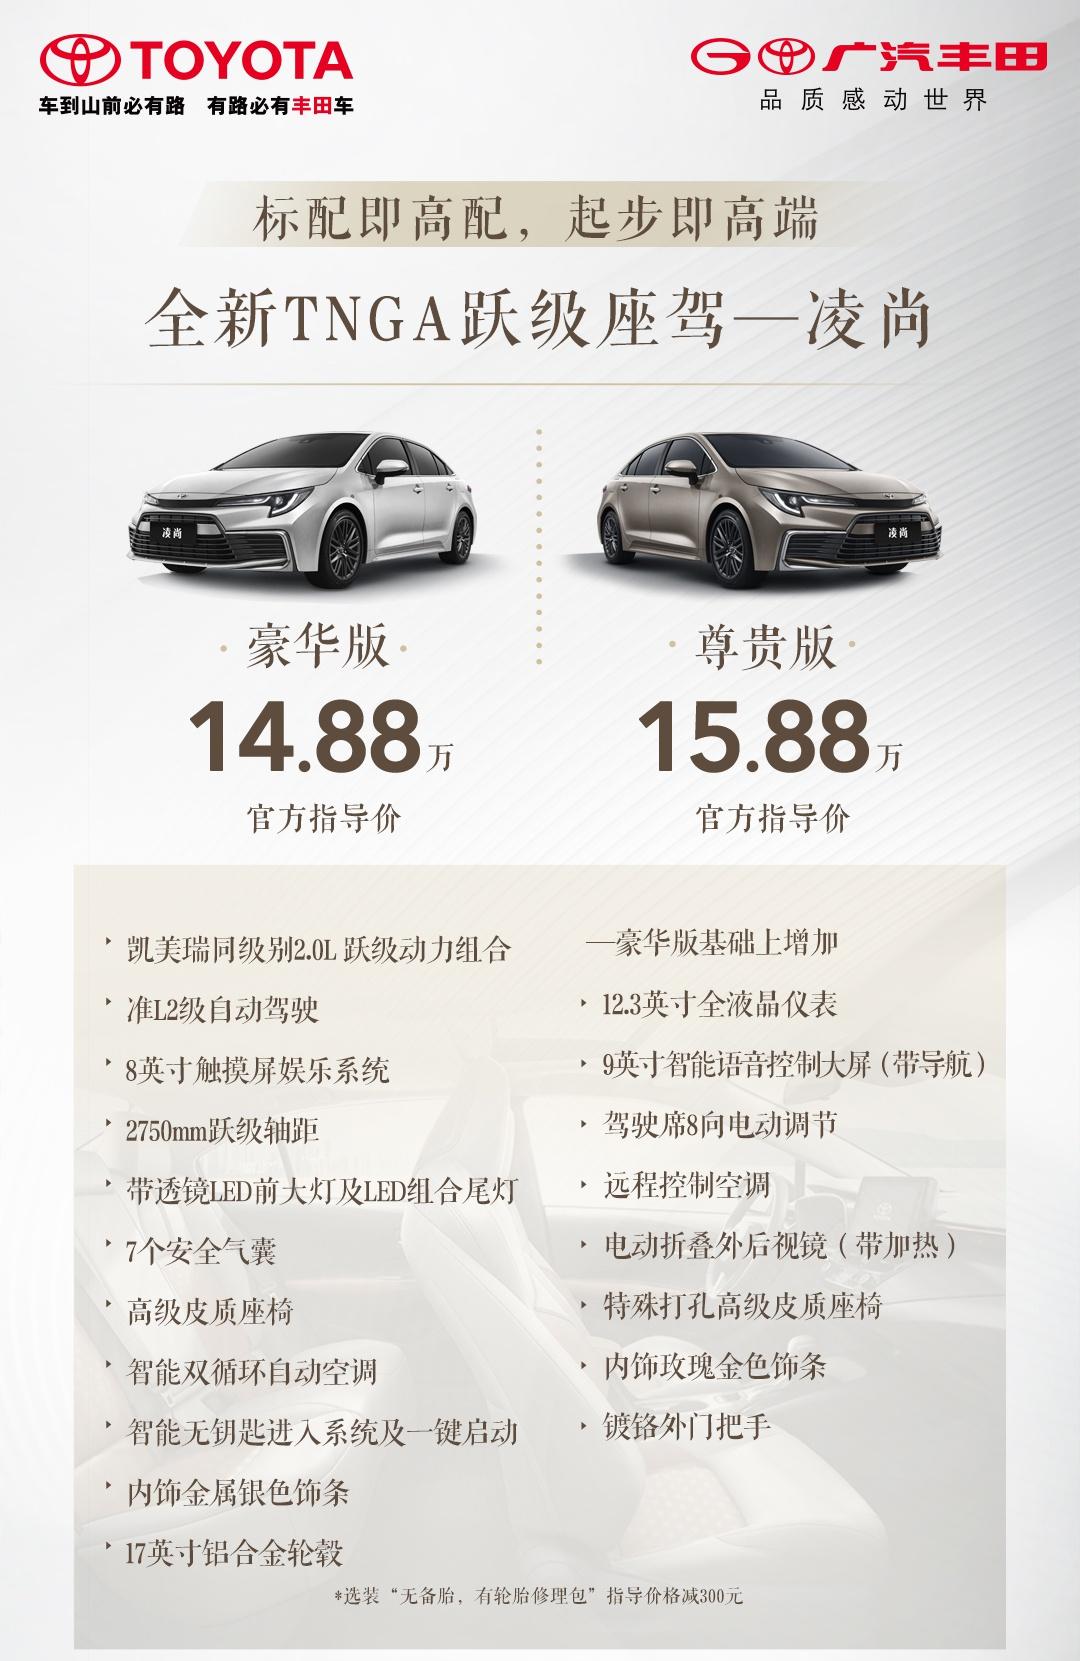 售价14.88万元起 广汽丰田凌尚正式上市